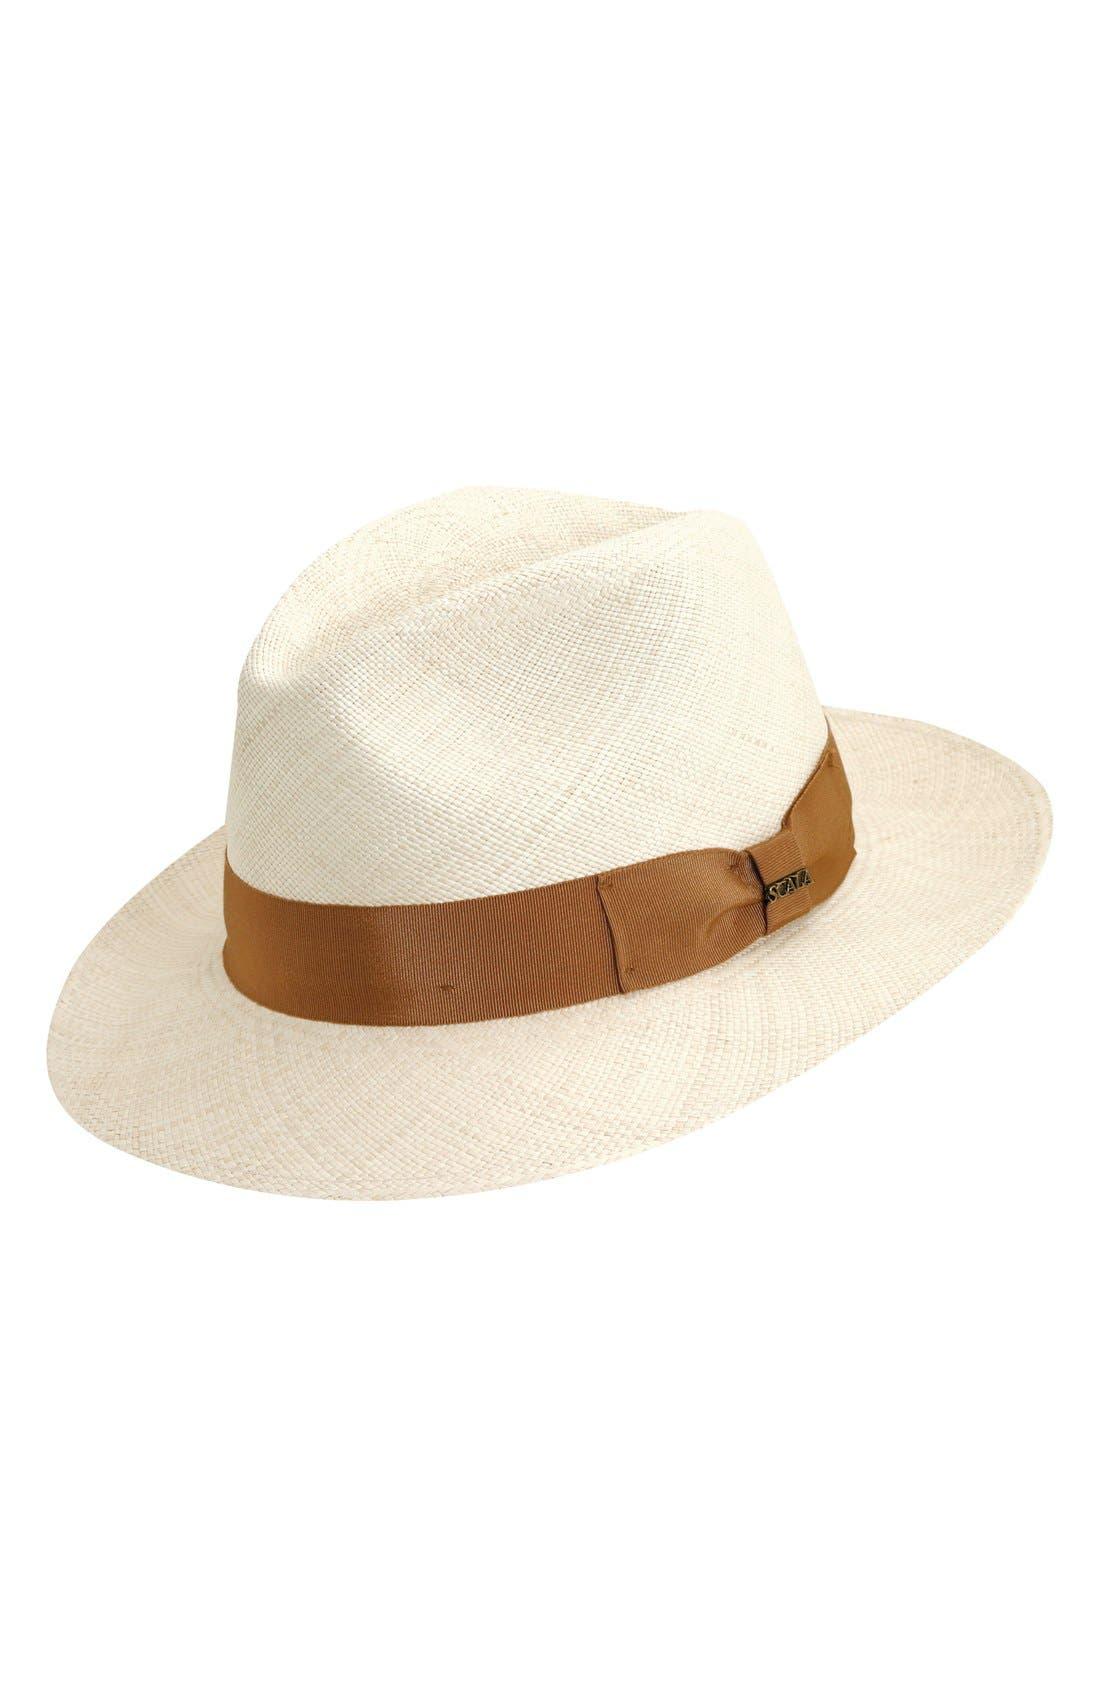 Straw Safari Hat,                         Main,                         color, Natural